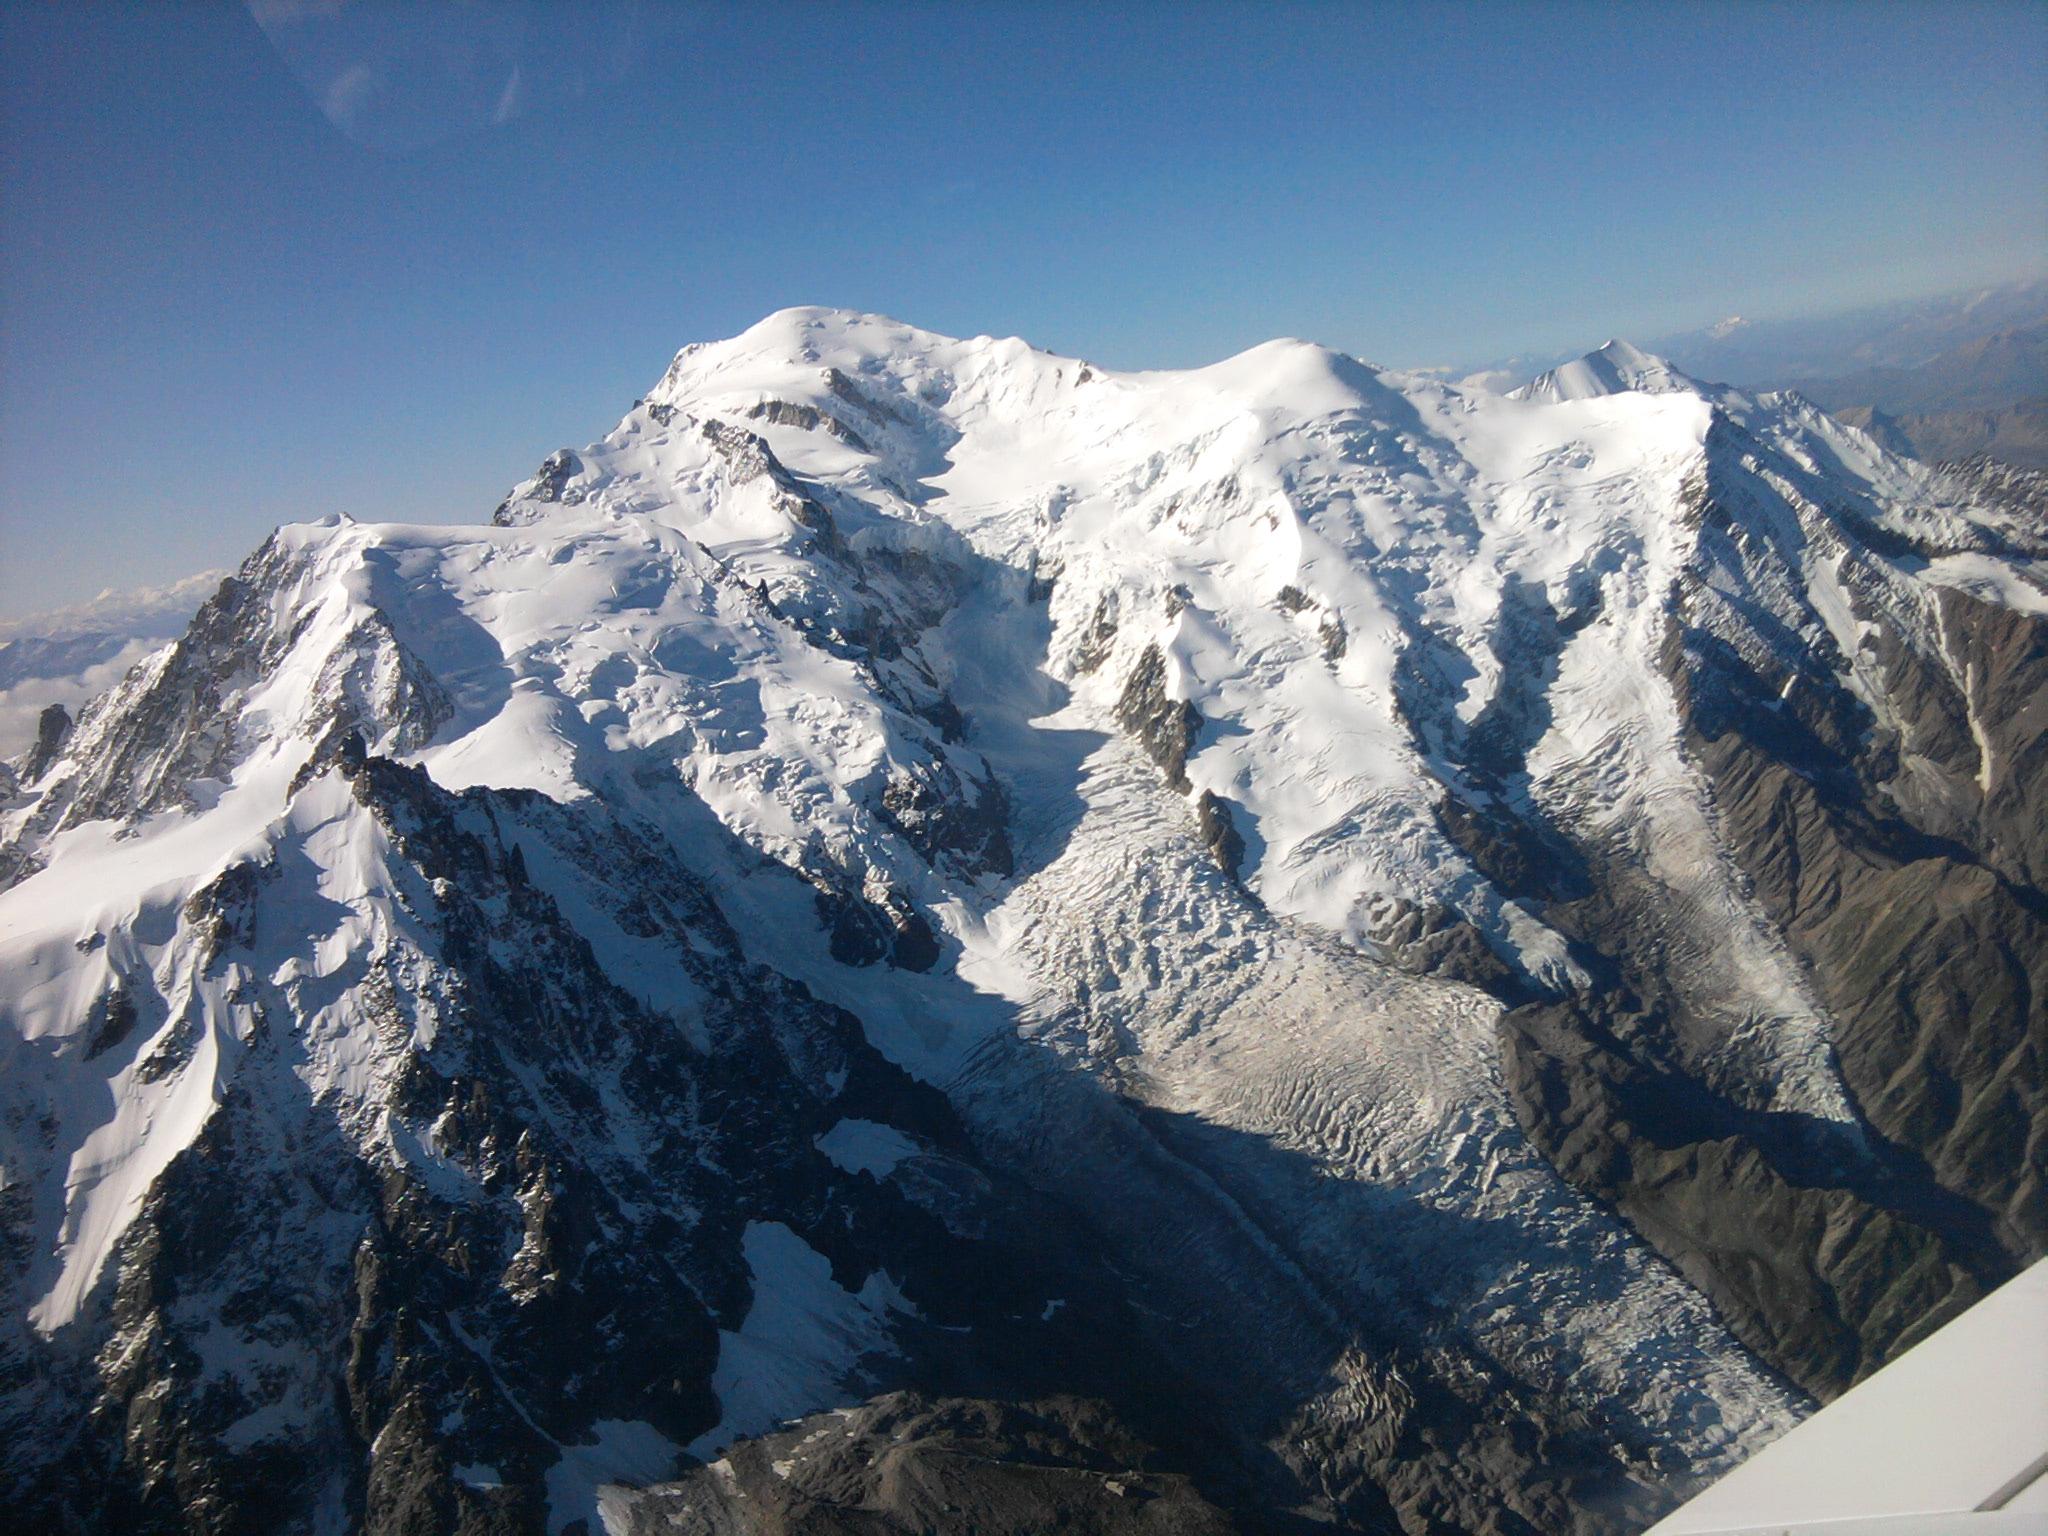 Sur le retour, une vue un peu plus globale du massif Mont Blanc